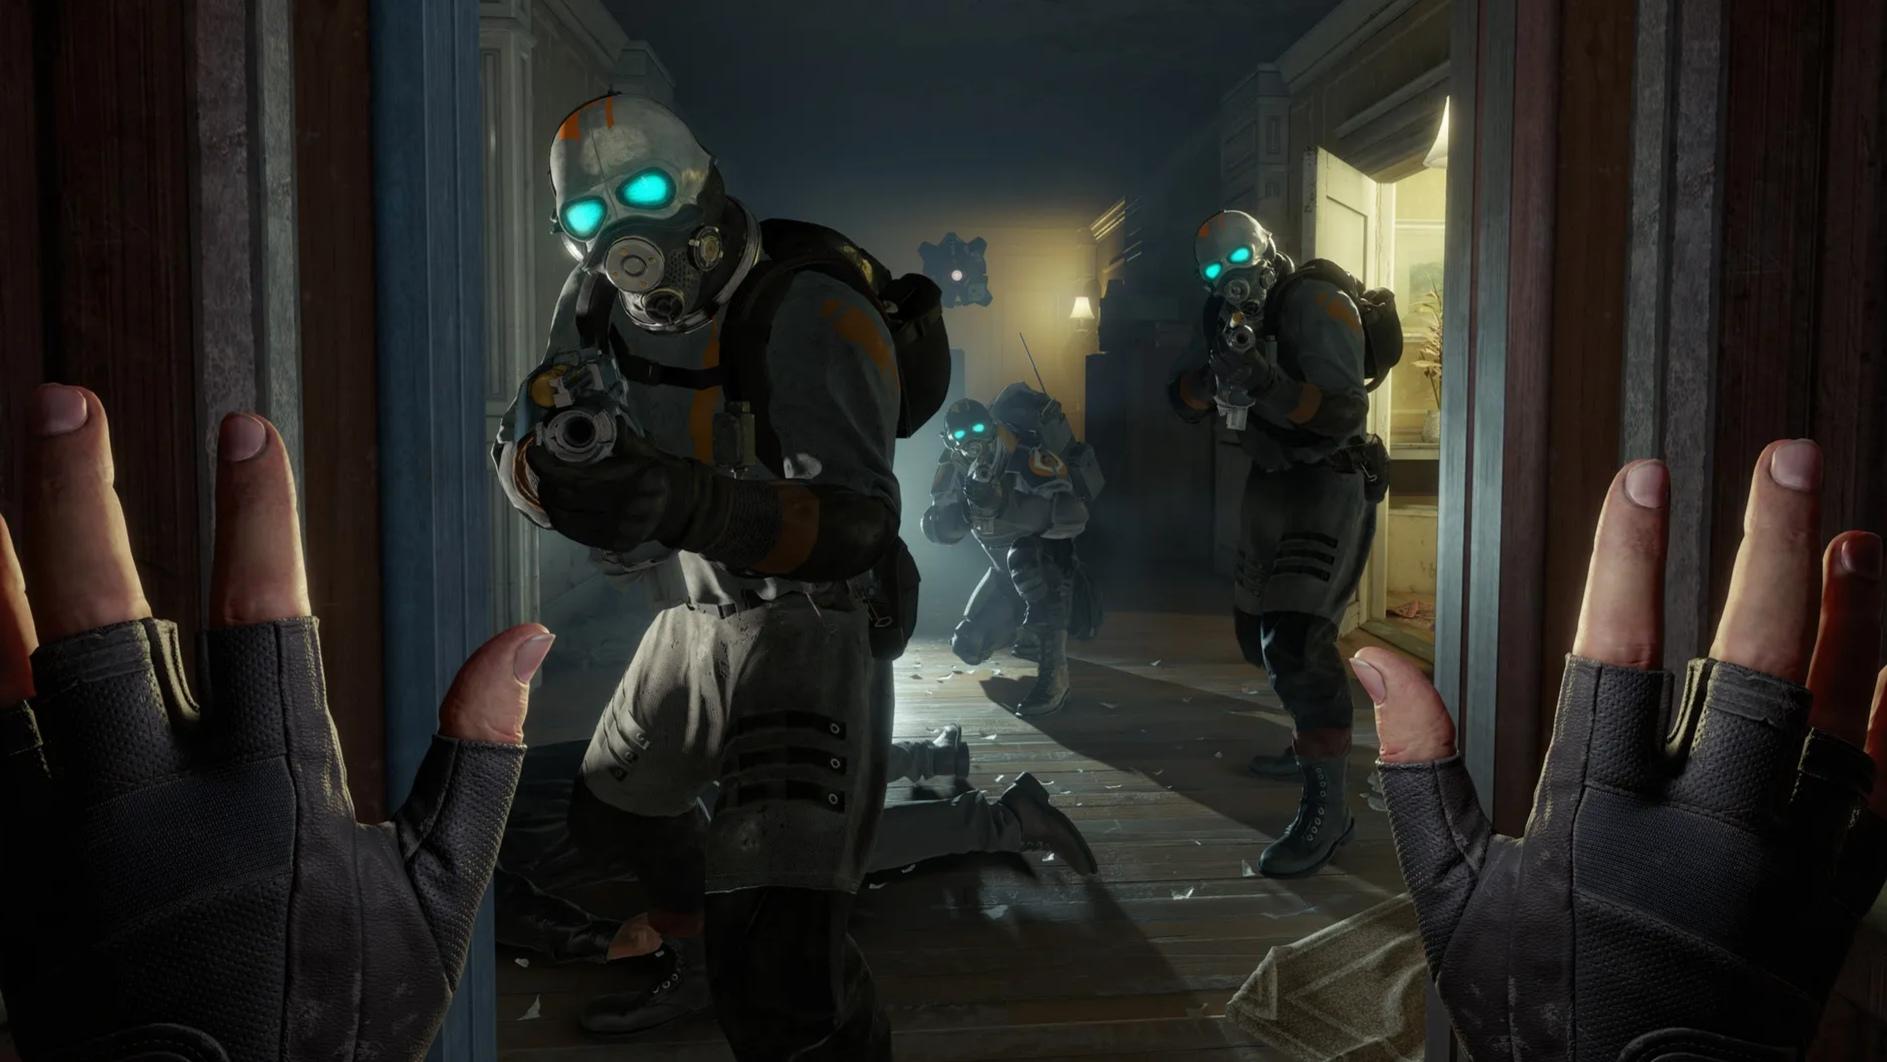 Představen Half-Life: Alyx, jde o hru pro VR